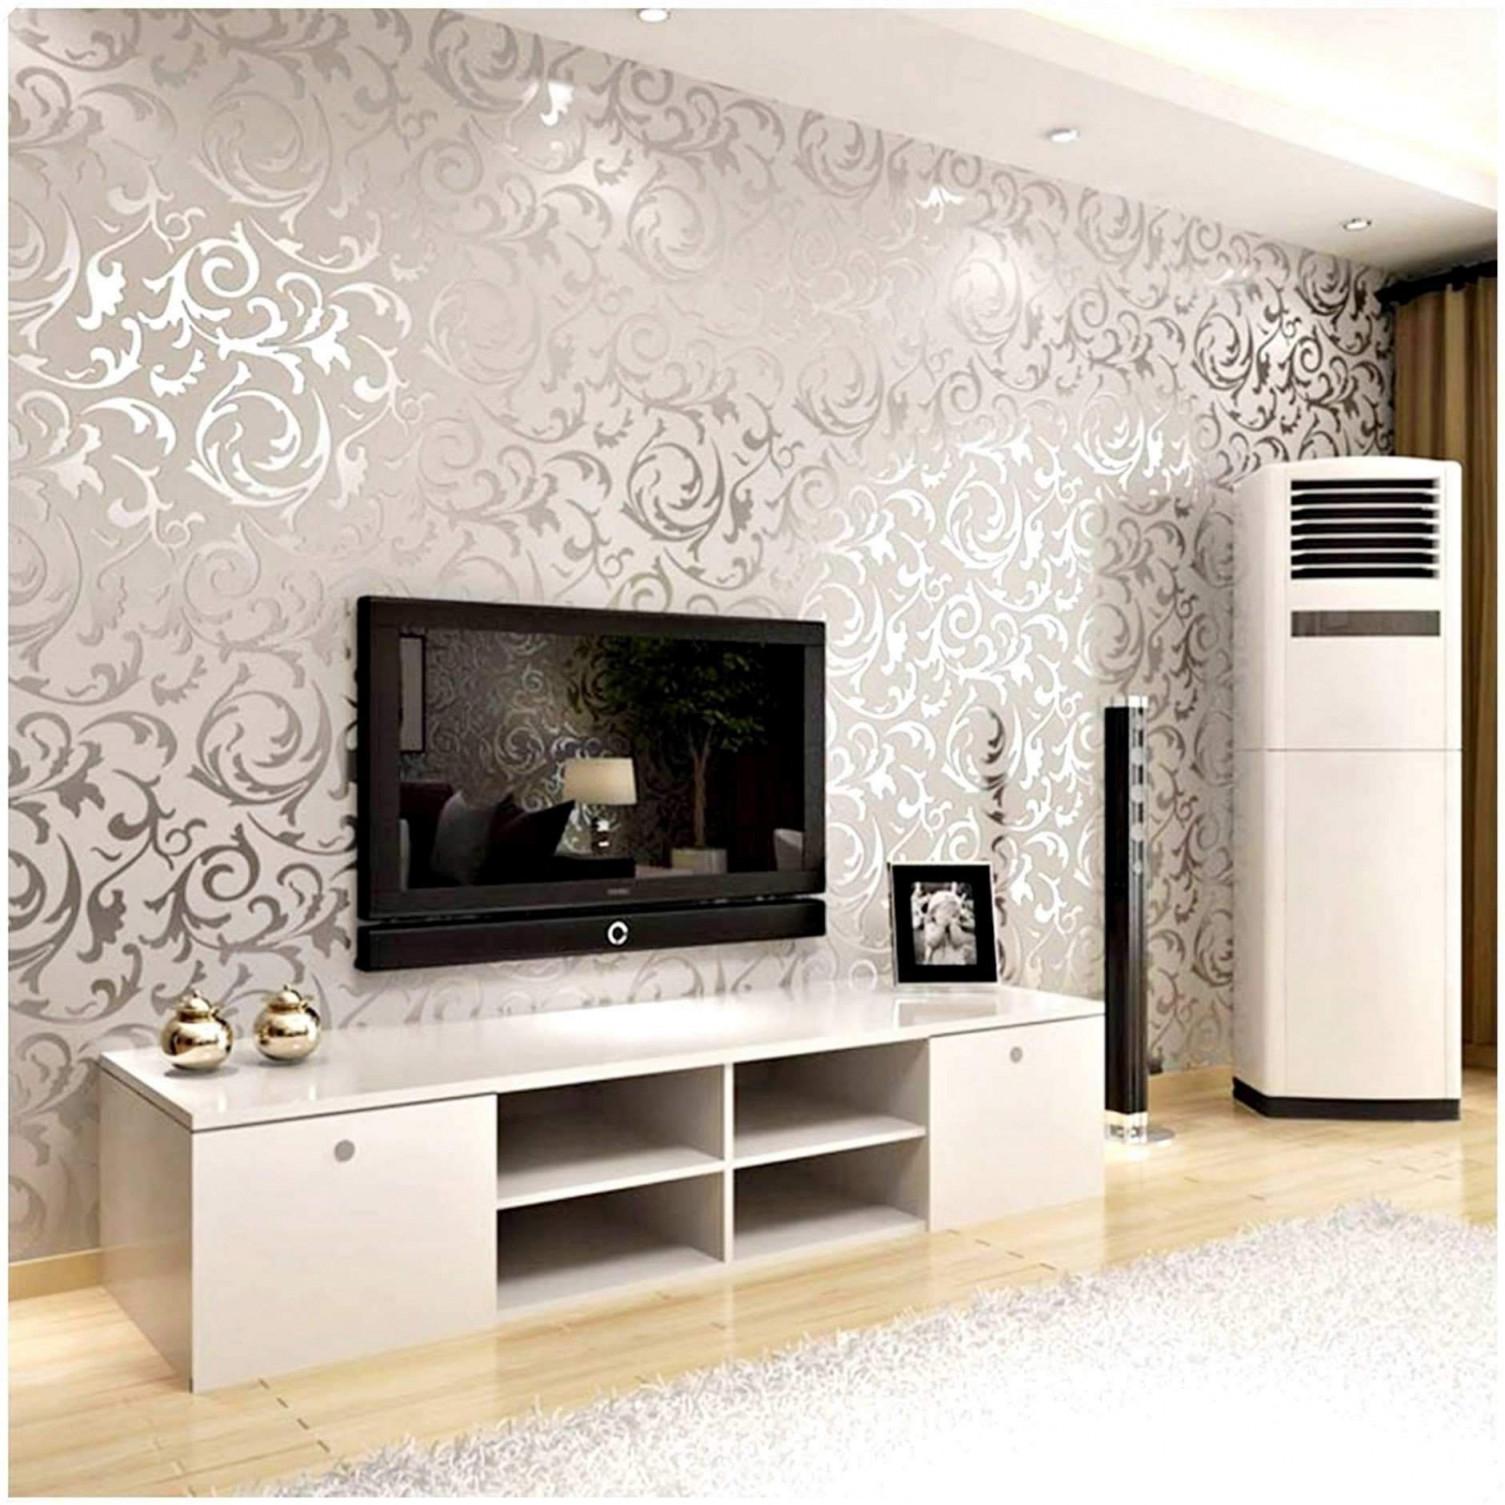 Wohnzimmer Tapete Modern Luxus 32 Frisch Tapeten Wohnzimmer von Moderne Tapeten Für Wohnzimmer Bild